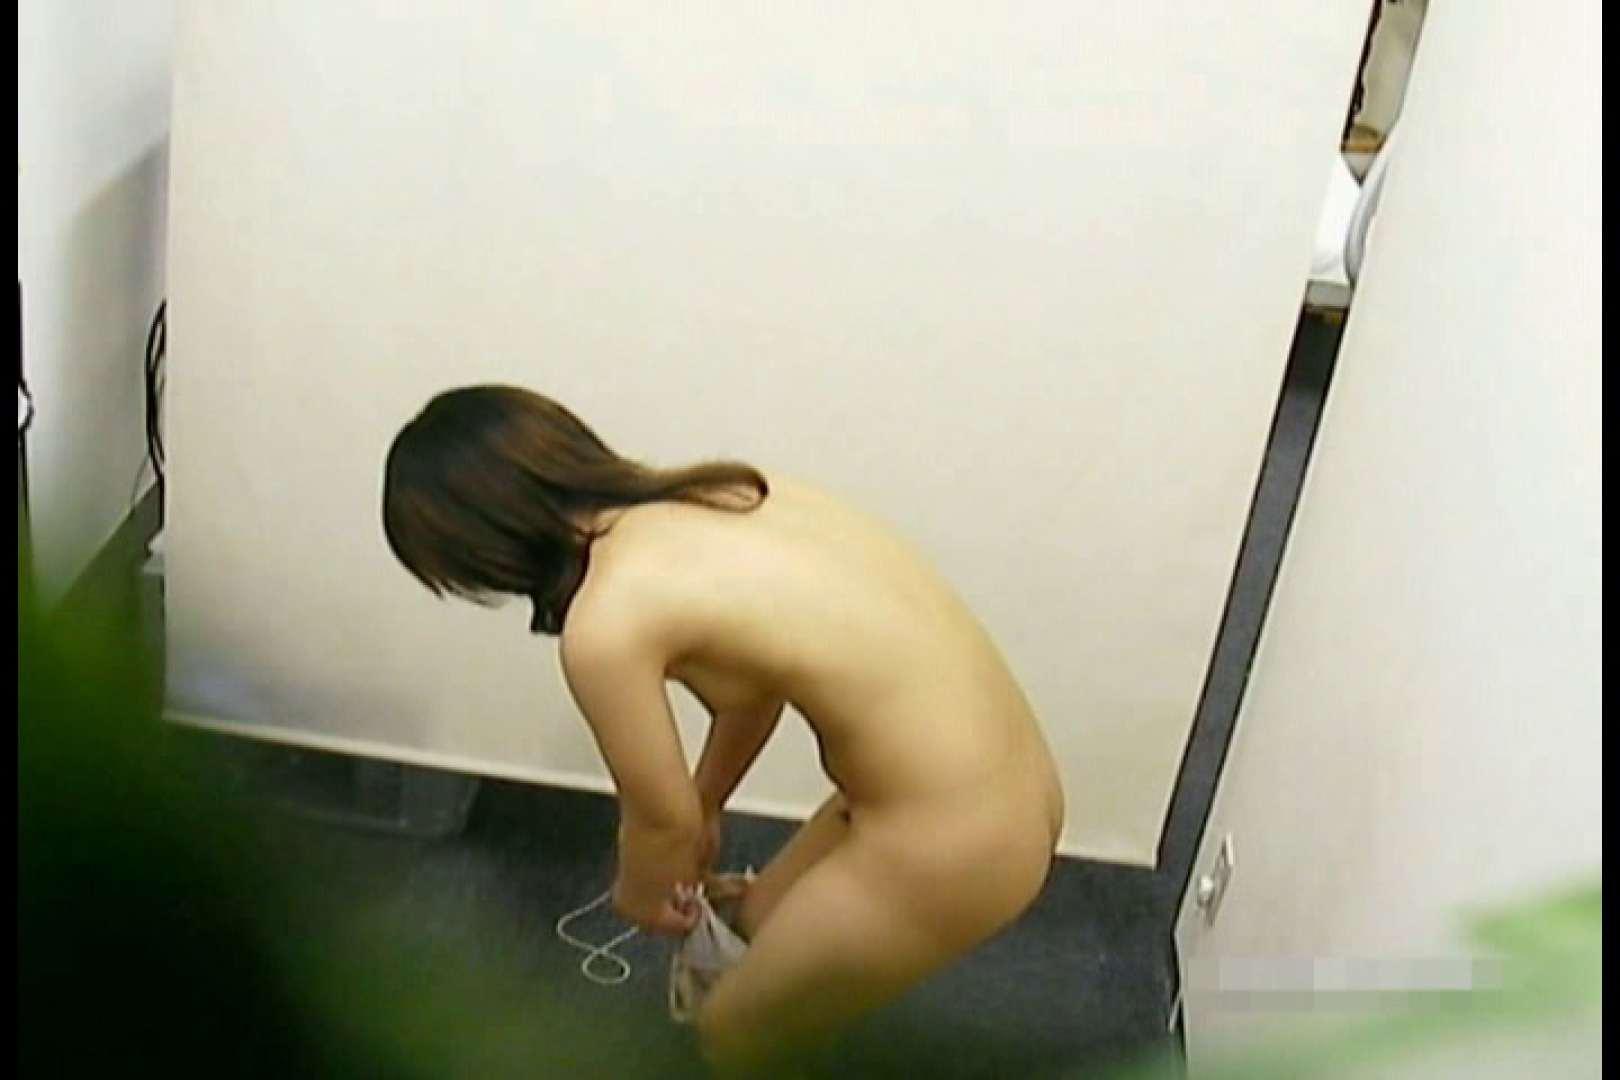 素人撮影 下着だけの撮影のはずが・・・ゆき24歳 素人ハメ撮り   盗撮  90pic 71